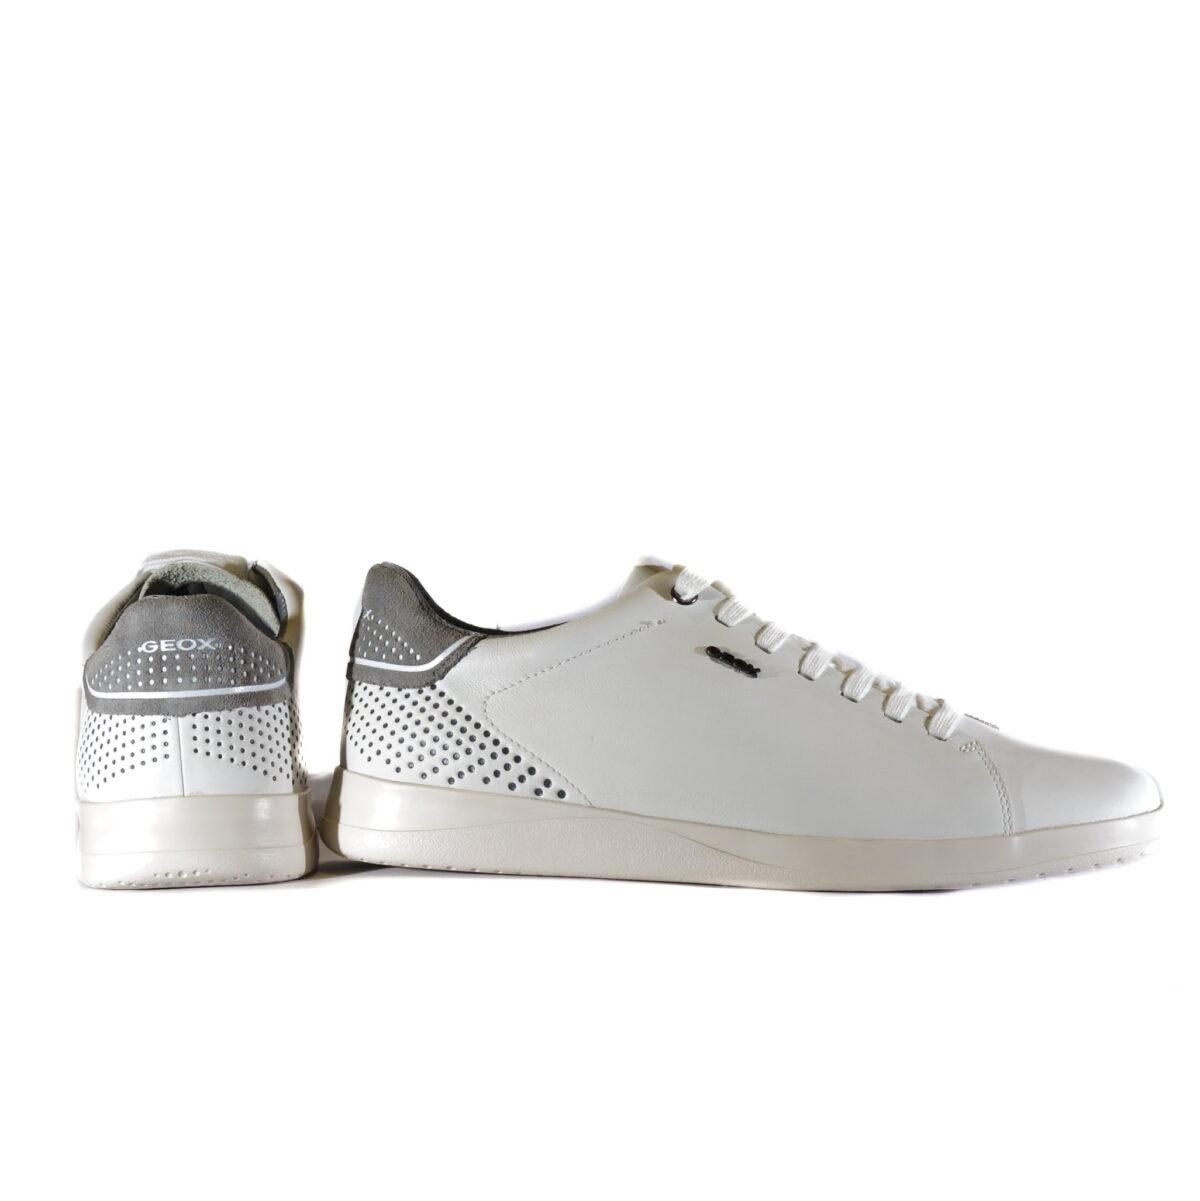 Ανδρικά Sneakers Casual Αντρικό Sneaker White με Γκρι Λεπτομέρειες